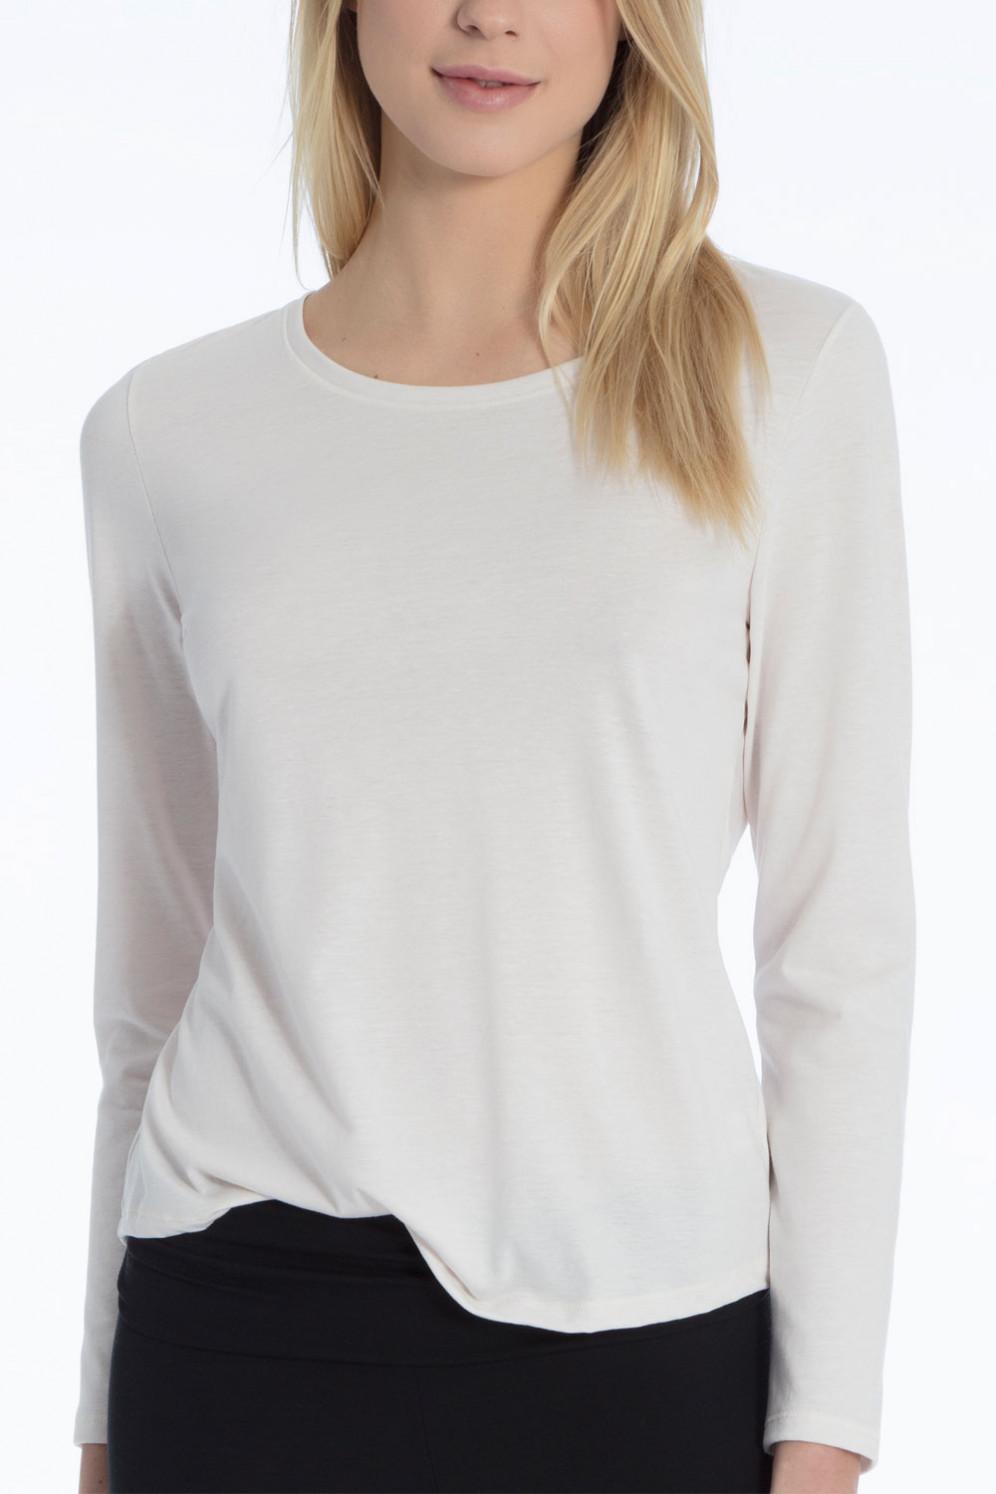 407b8c4ae2ccbe Vergrößern Abbildung zu Shirt langarm (15037) der Marke Calida aus der  Serie Favourites ...